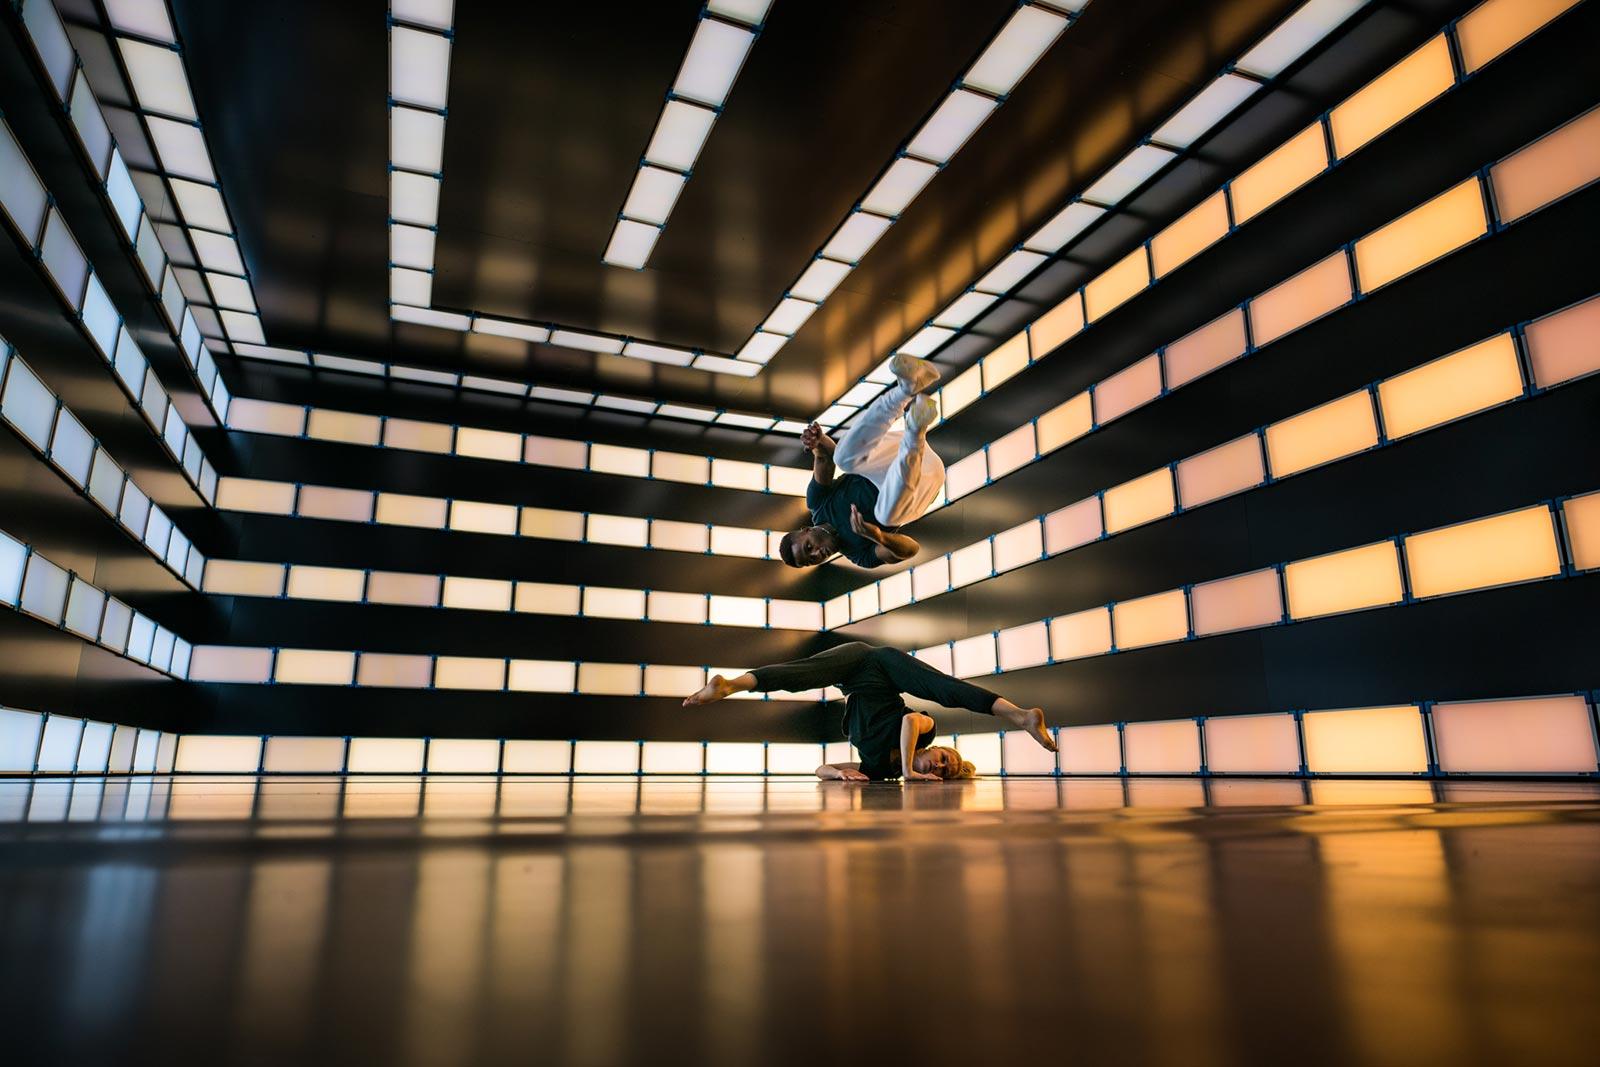 Beleuchtung für bewegtes Bild